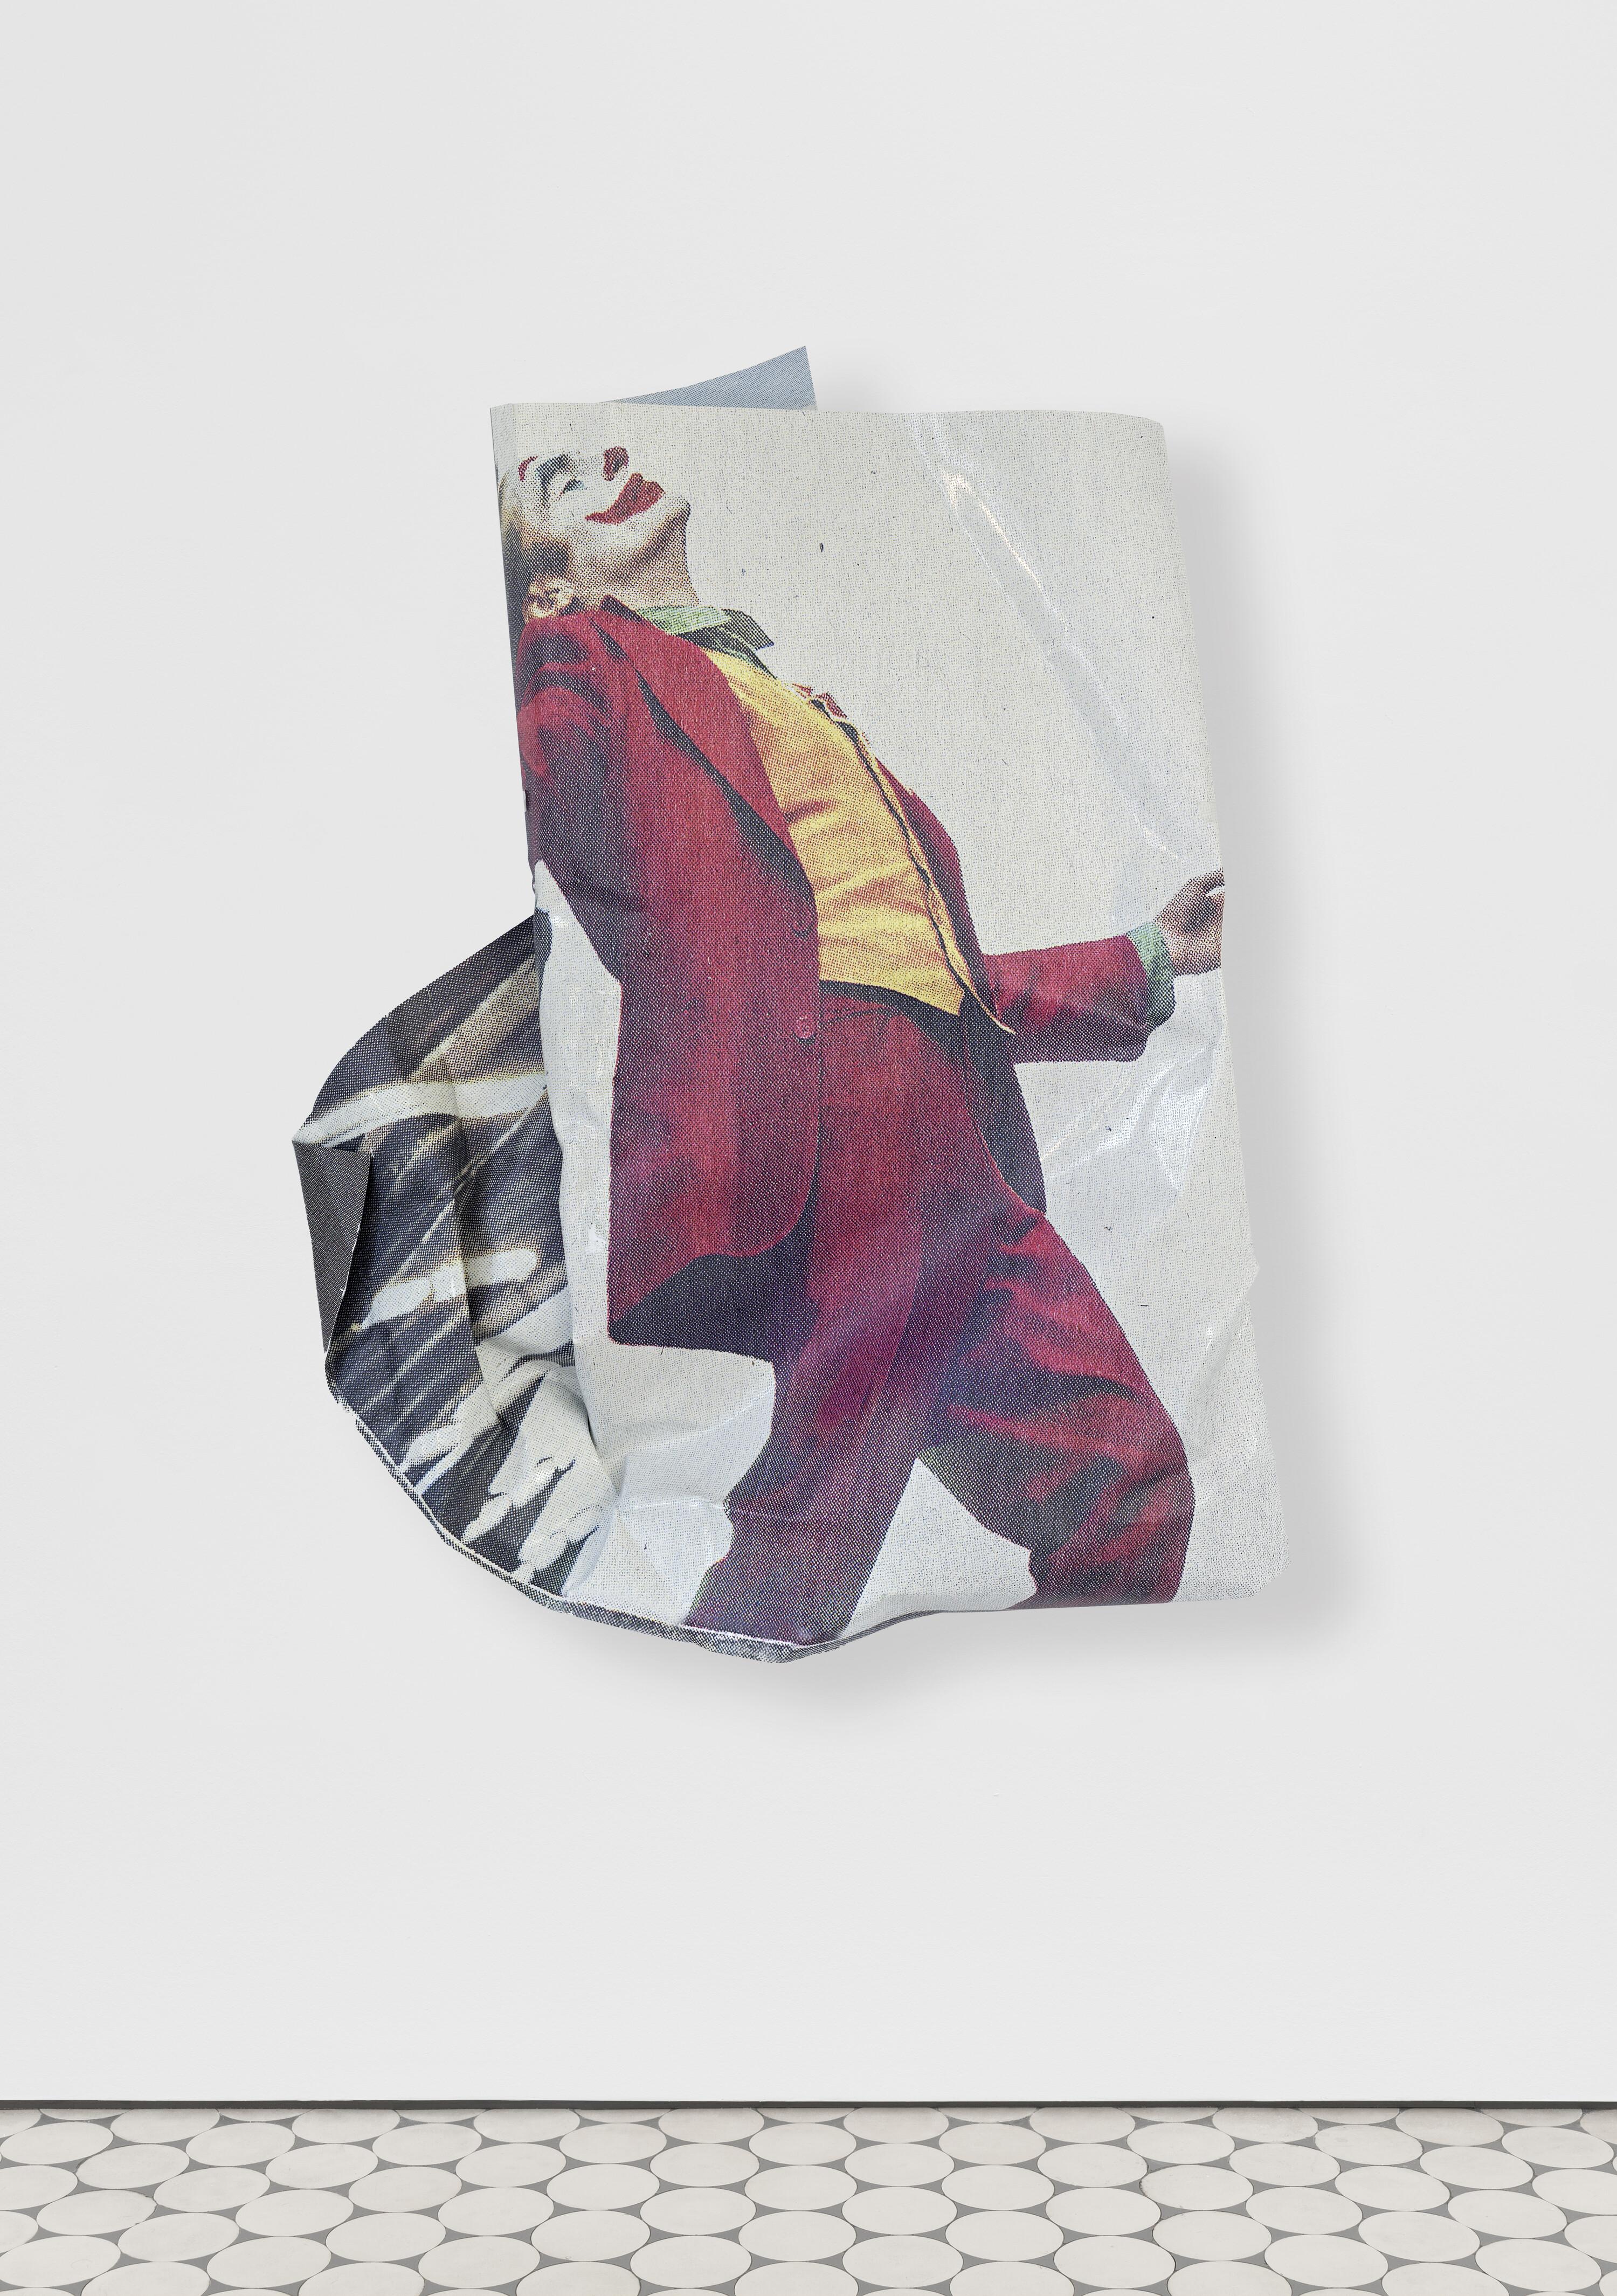 <i>Joker</i>, 2020<br />aluminium, stainless steel, digital print, 127 x 110 x 20 cm<br />